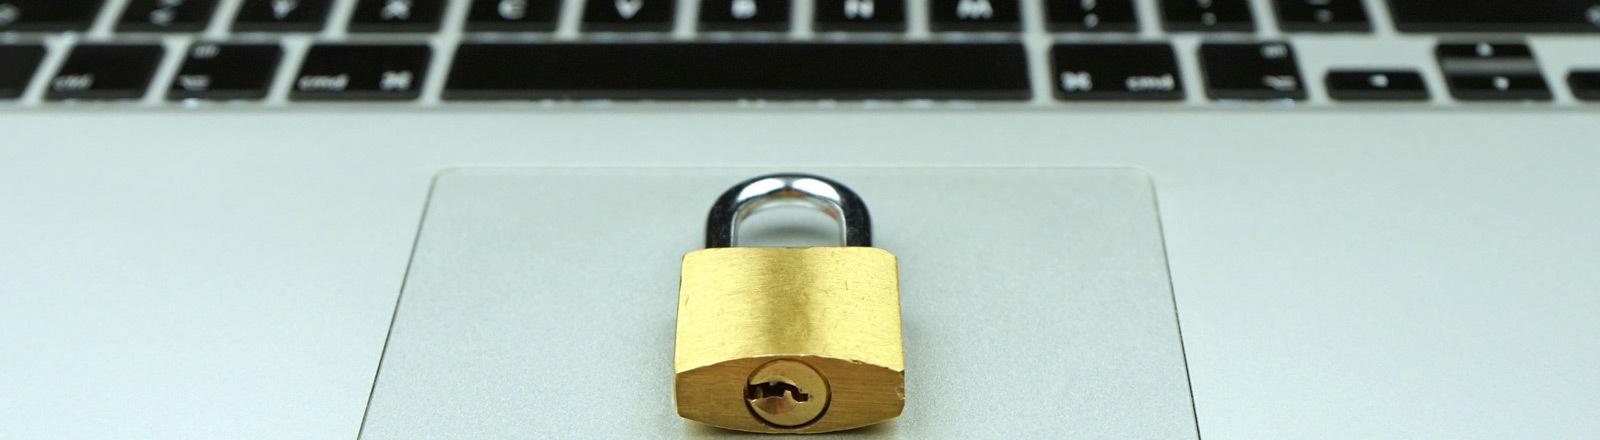 Datensicherheit: Ein Schloss liegt auf dem Touchpad eines Laptops.